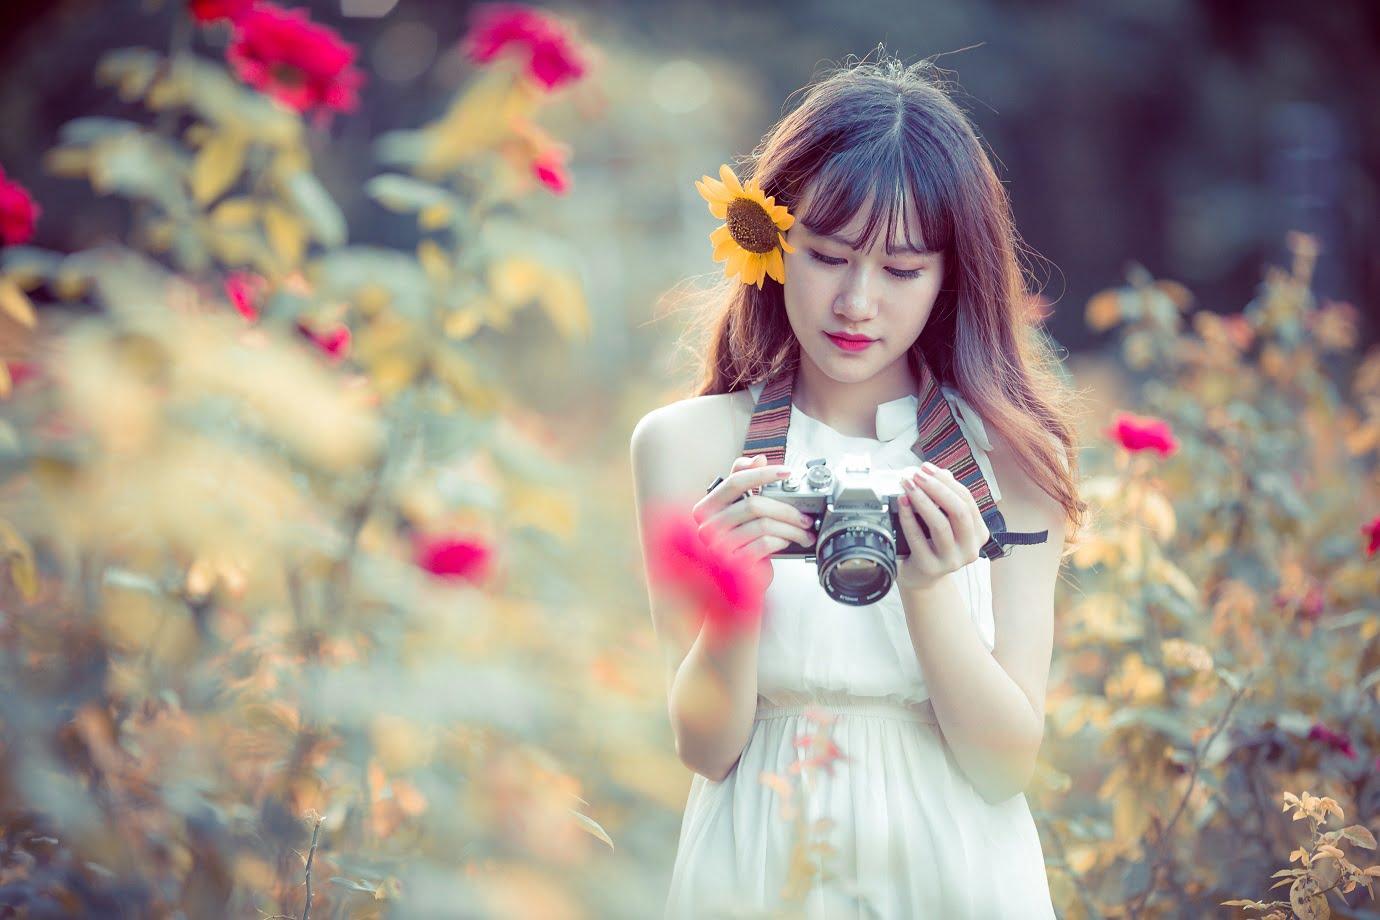 anh chup hoa hong 3 - [Br-Art] Cô bé bên vườn hoa hồng nhỏ